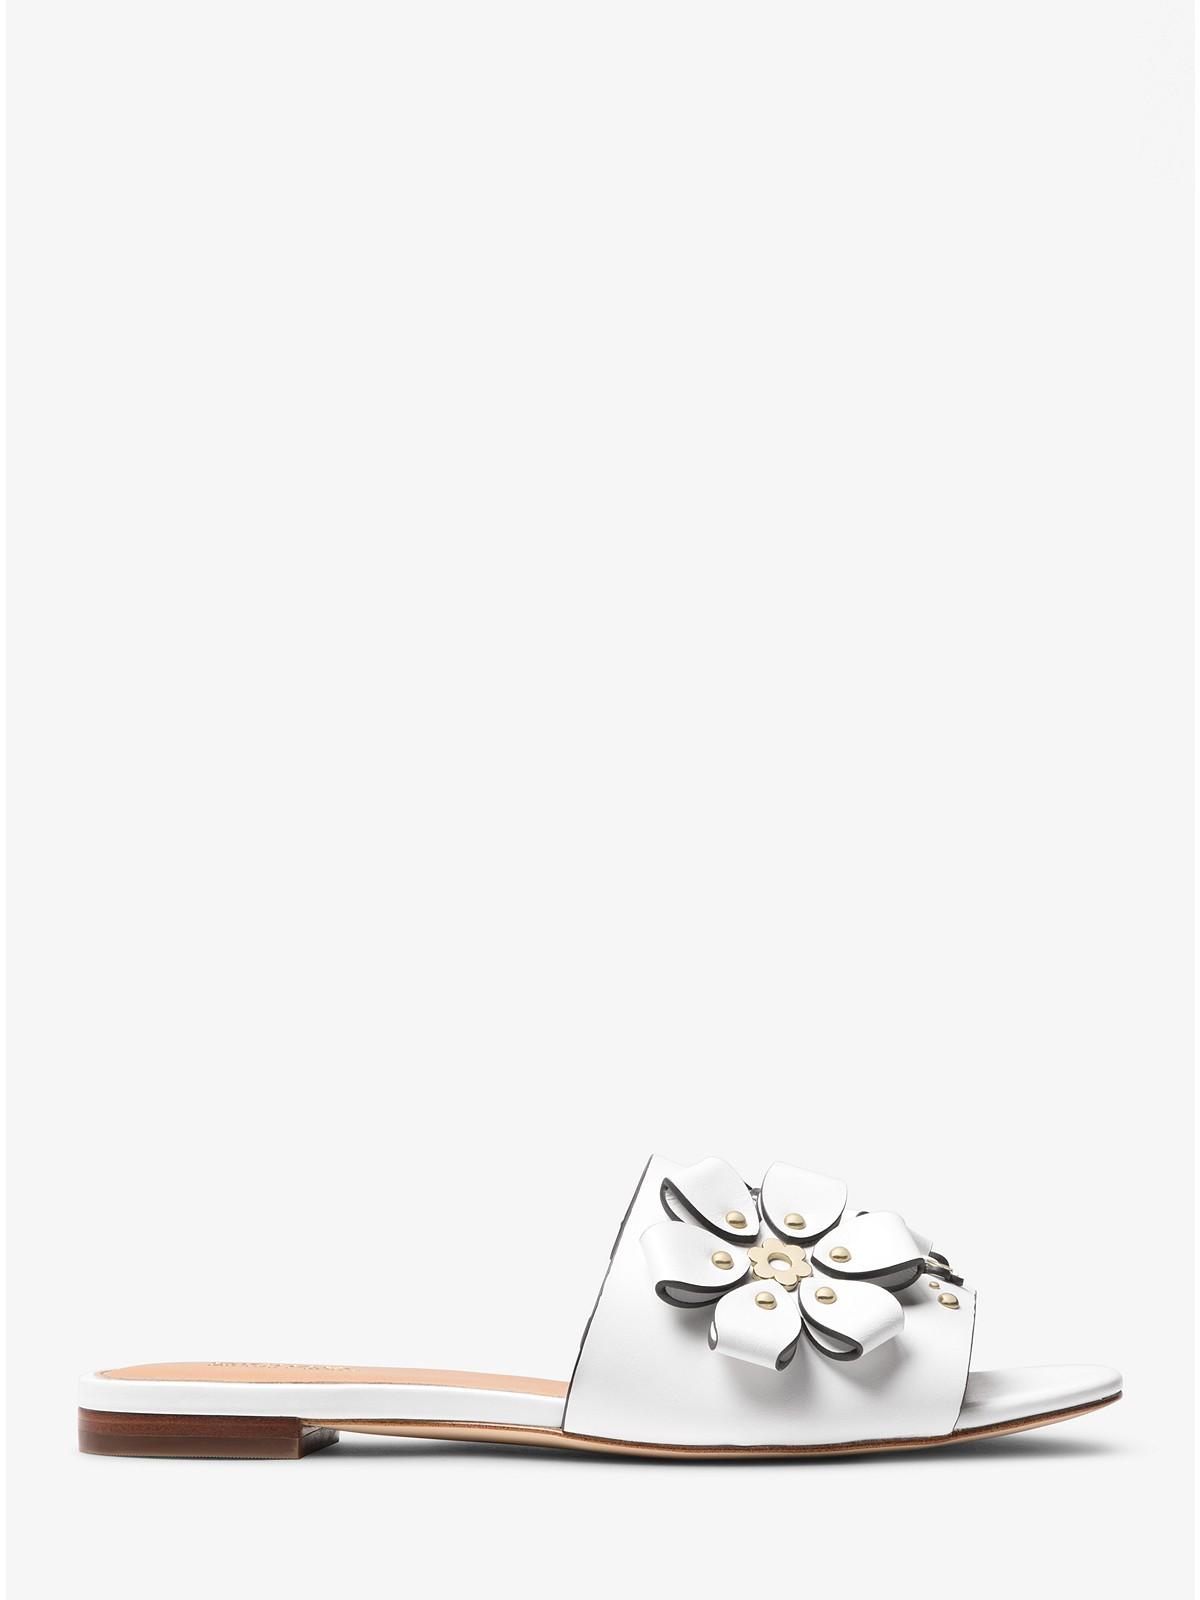 c9da0c3504e Michael Kors Tara Floral Embellished Leather Slide at £135